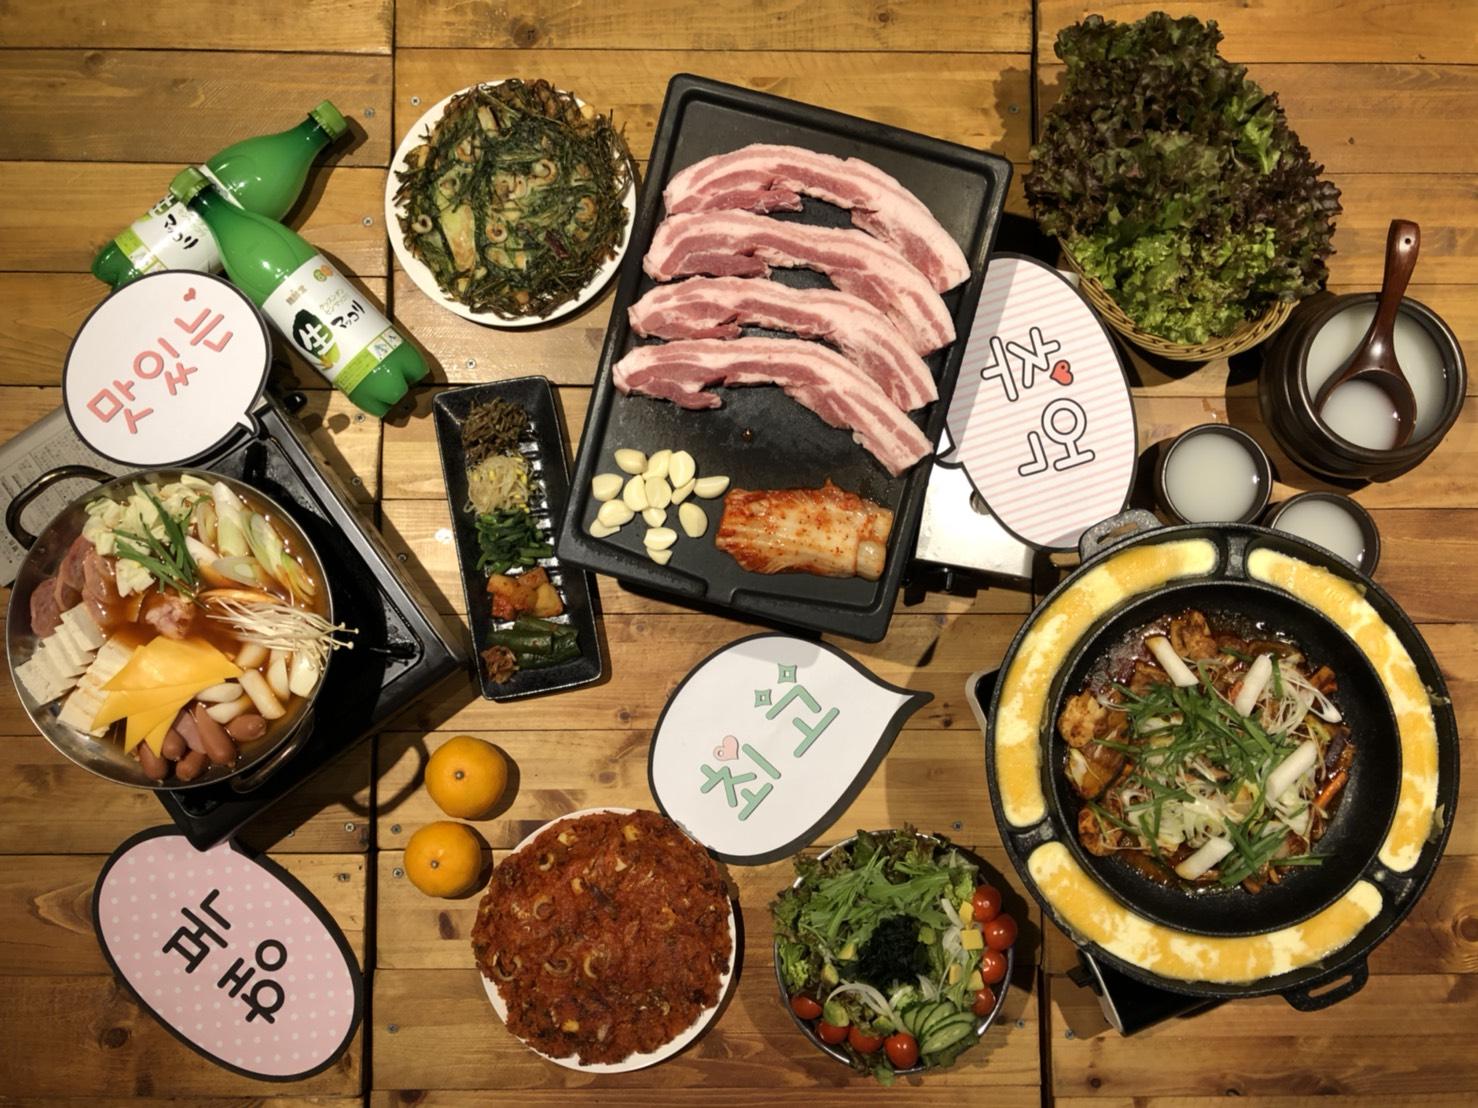 韓国居酒屋メガトンパンチ(熊谷市) 韓国料理